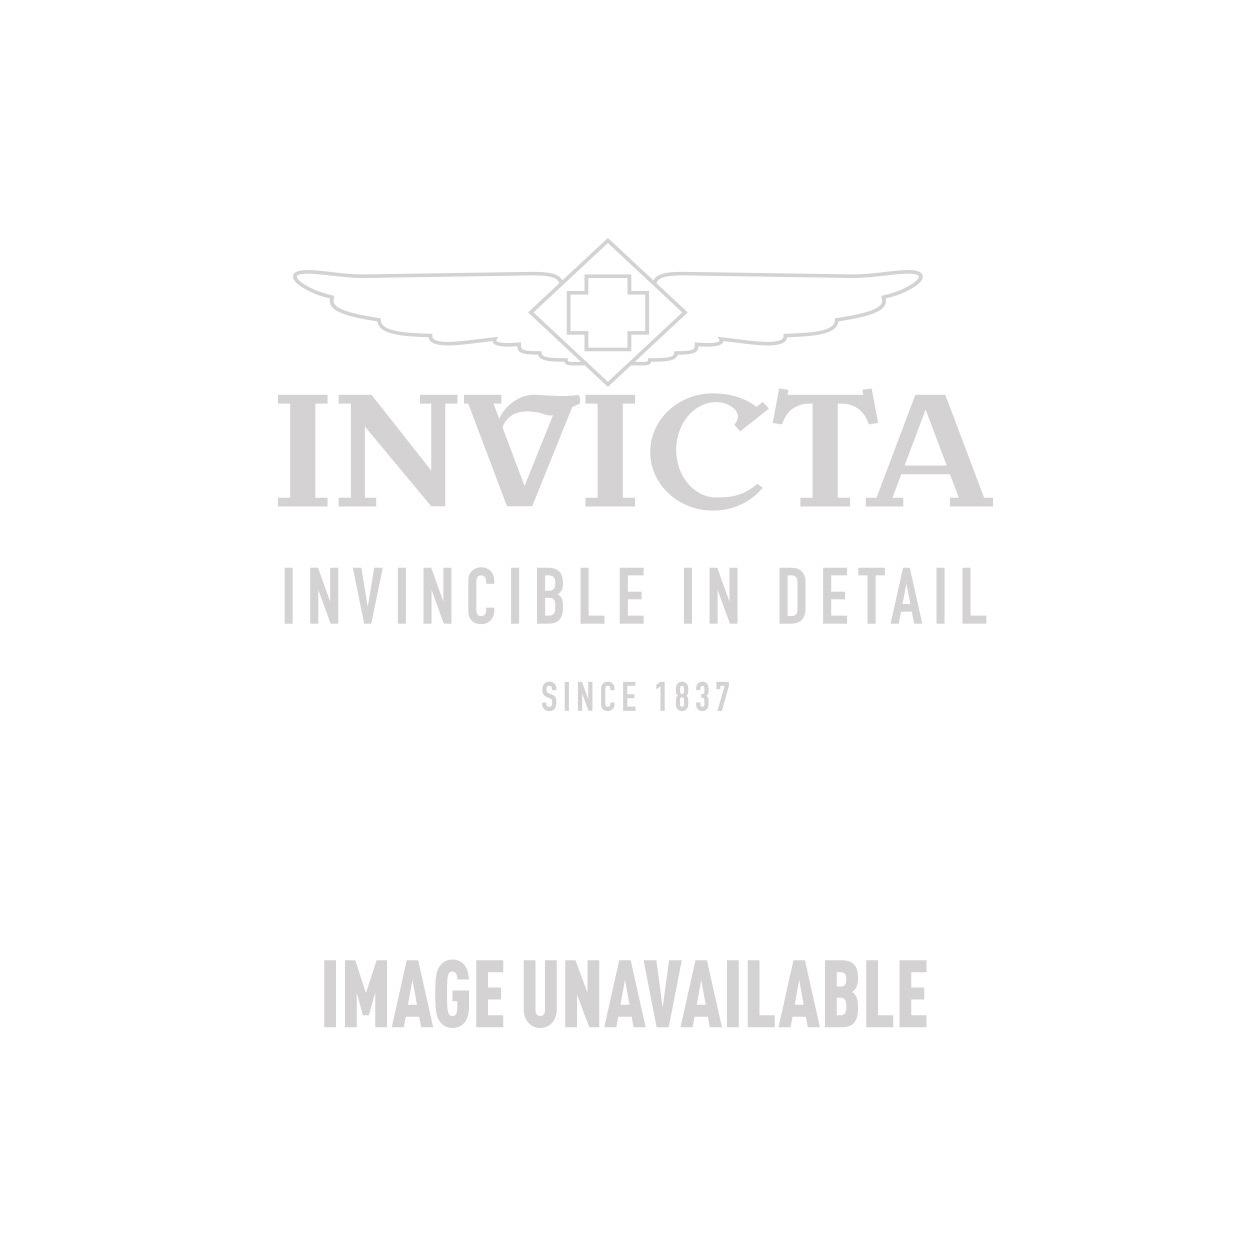 Invicta Model 25547